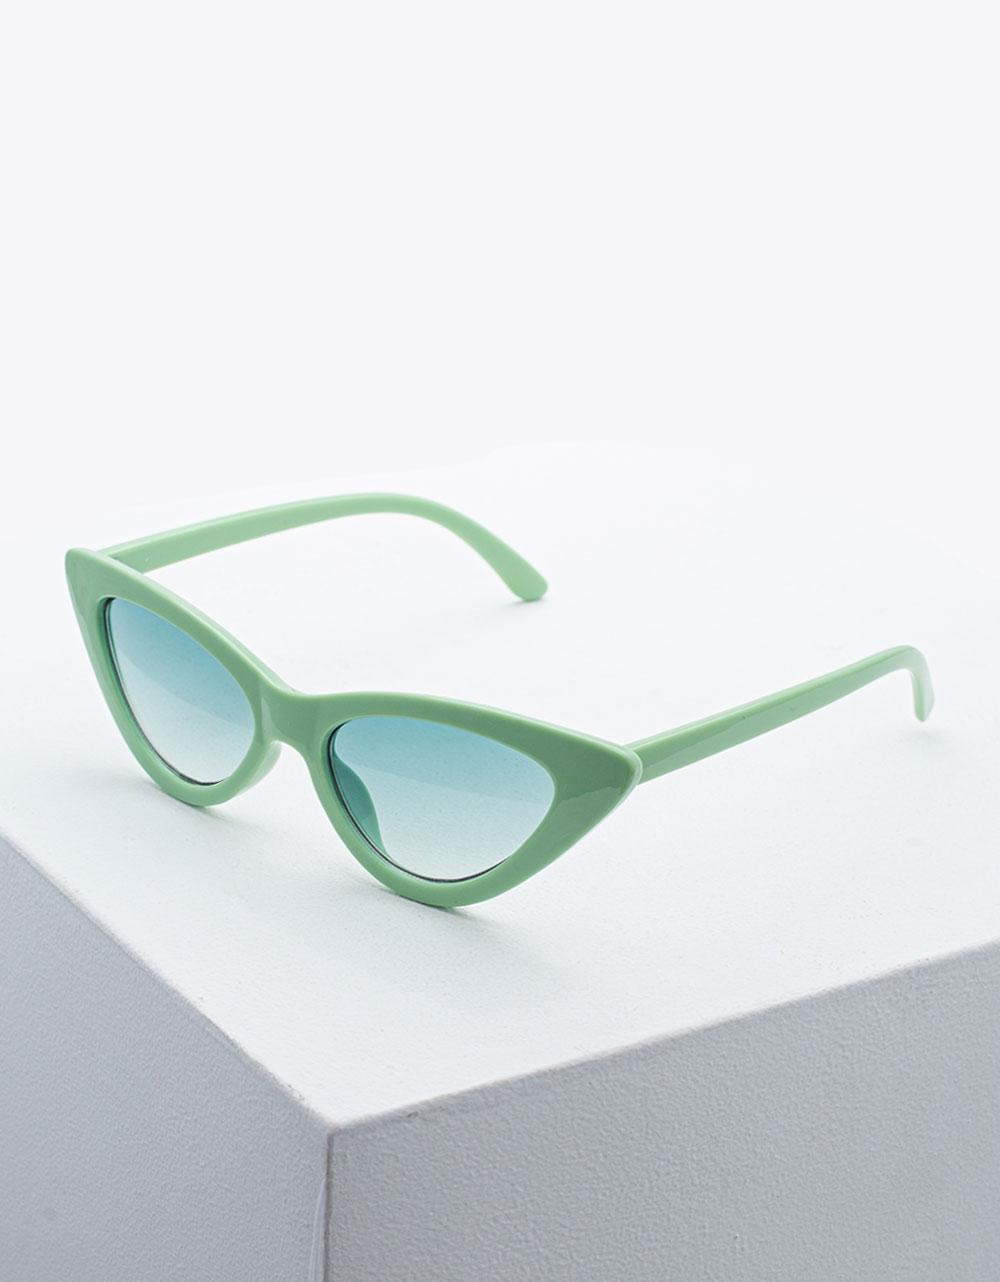 Εικόνα από Γυναικεία γυαλιά ηλίου σε σχήμα πεταλούδας Πράσινο